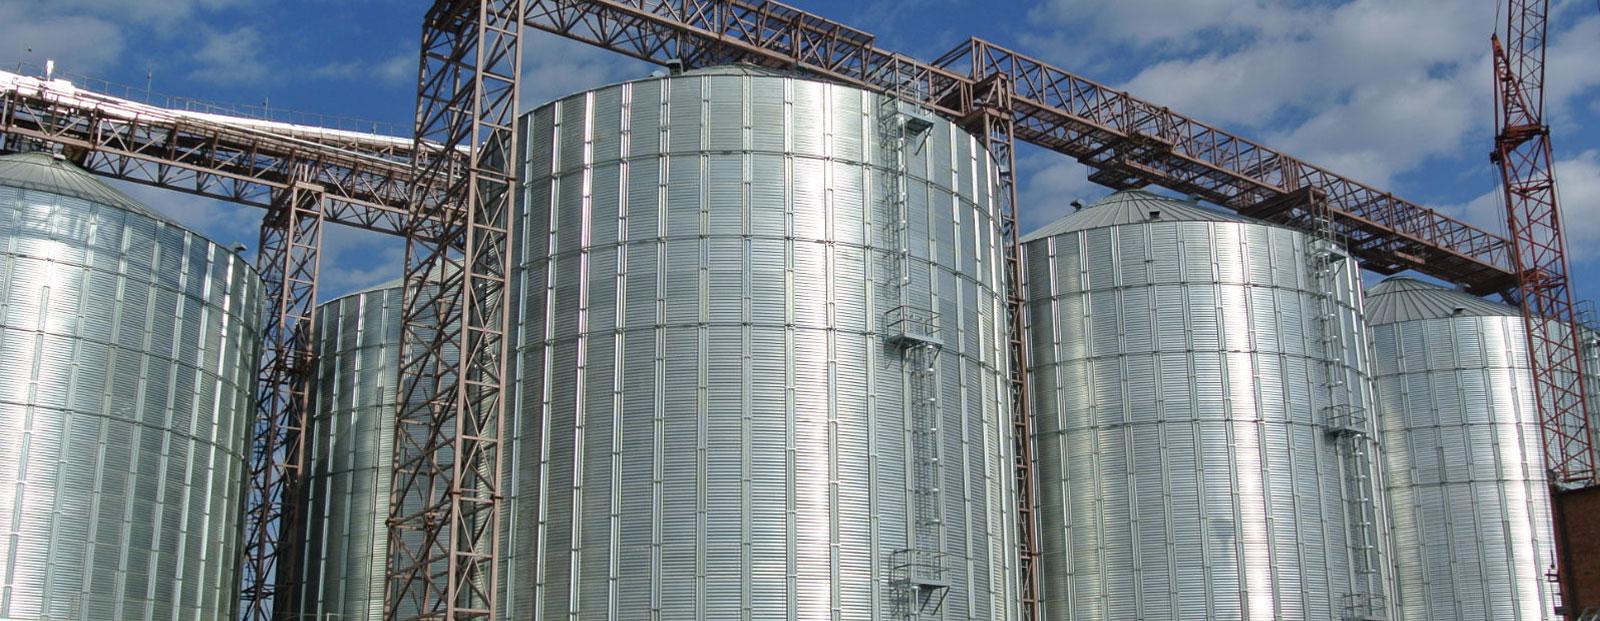 Строительство Перегрузочных Зерновых терминалов и зерновых элеваторов